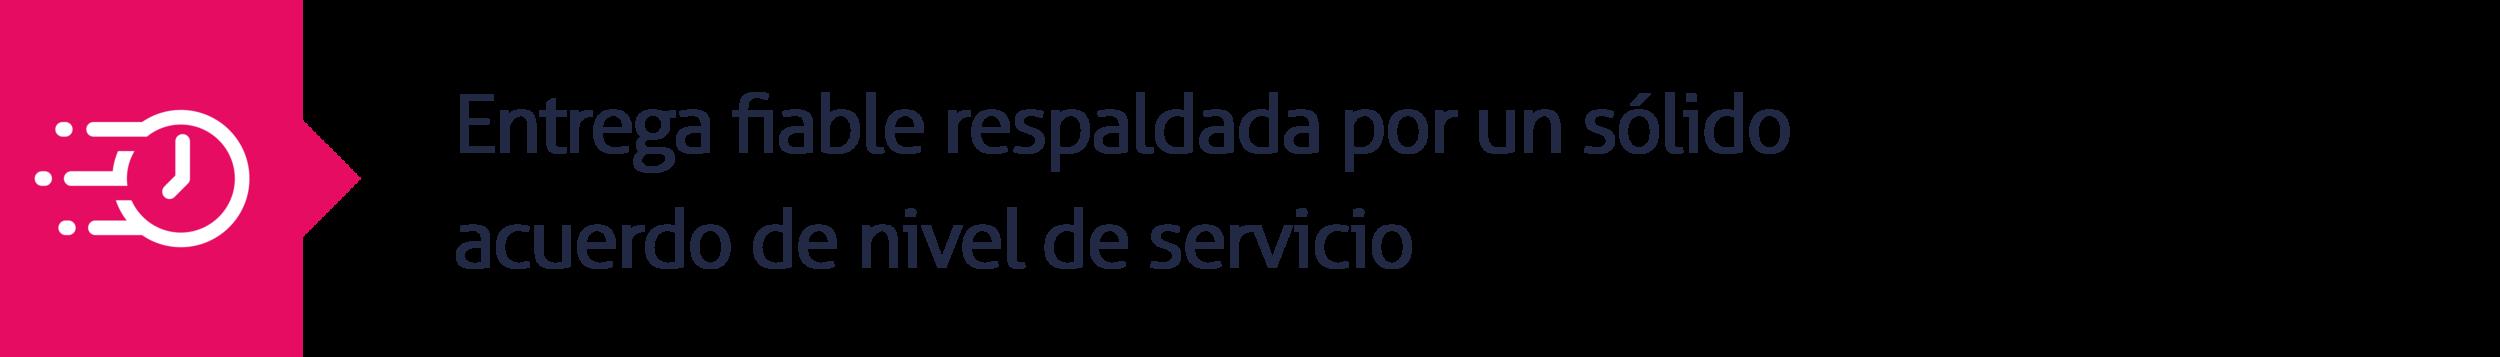 6.Entrega fiable respaldada por un sólido acuerdo de nivel de servicio